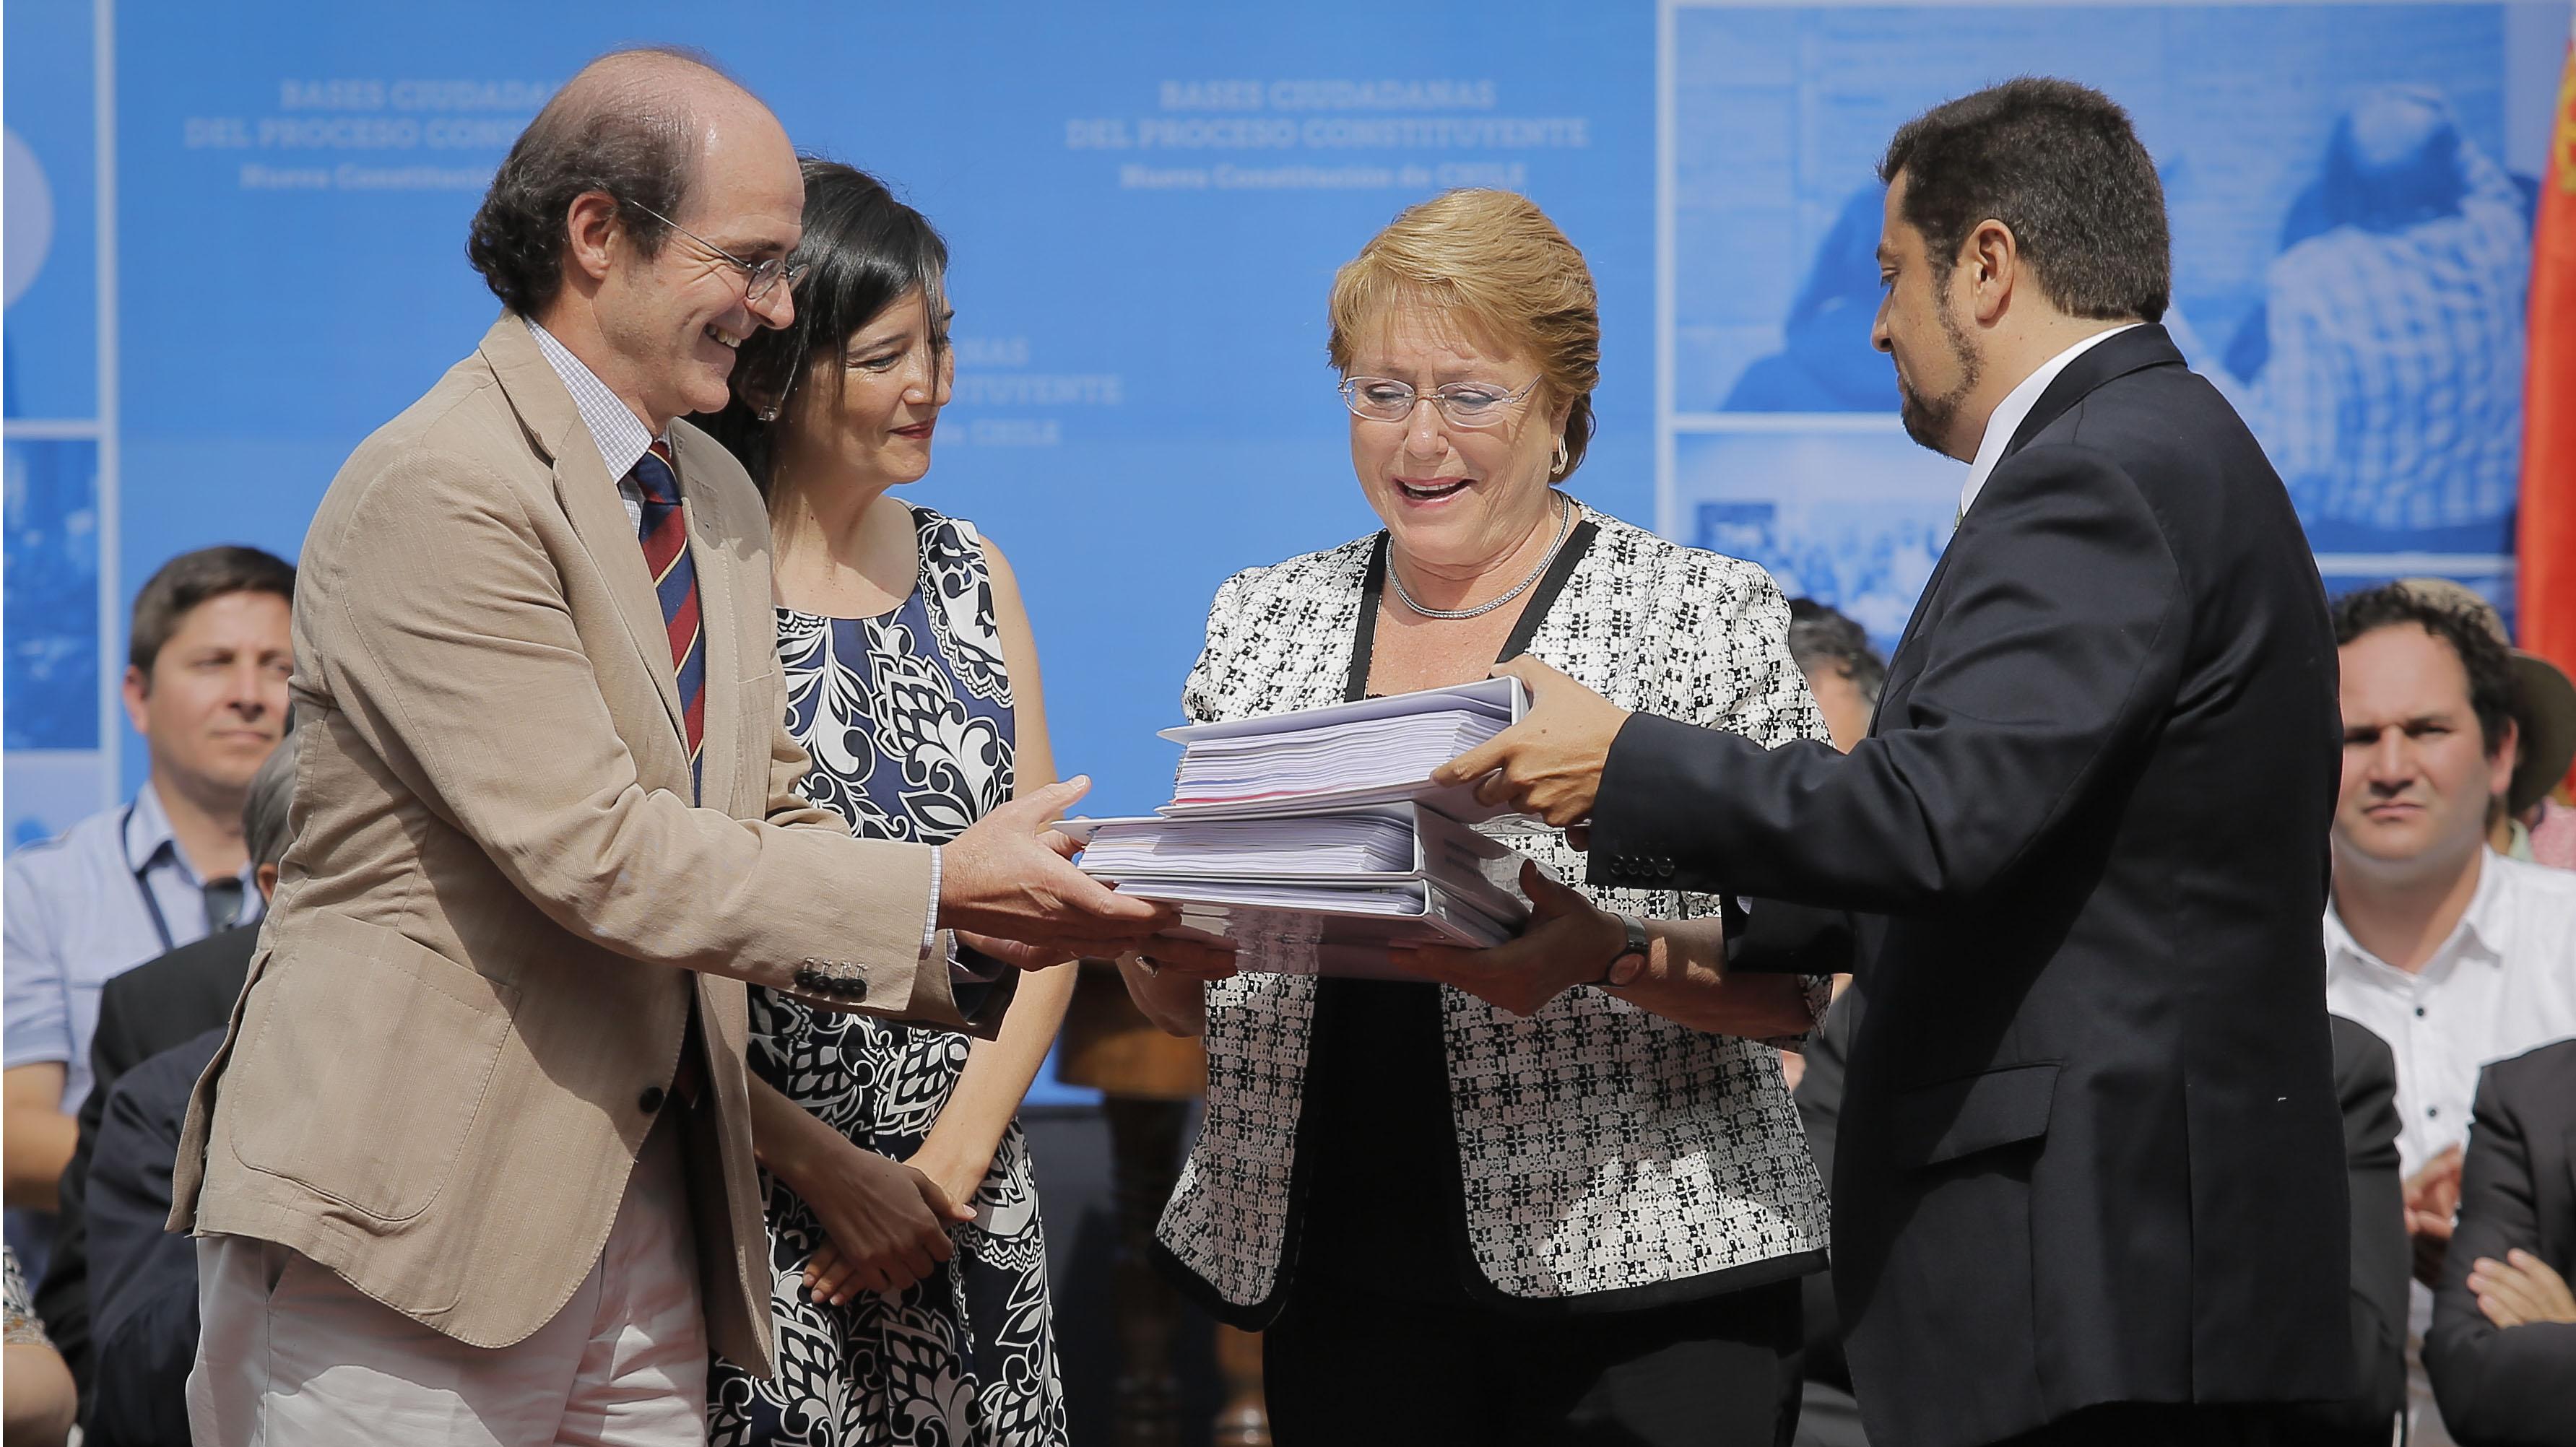 Las conclusiones de los encuentros ciudadanos que convocó Bachelet en 2016 para cambiar la Constitución